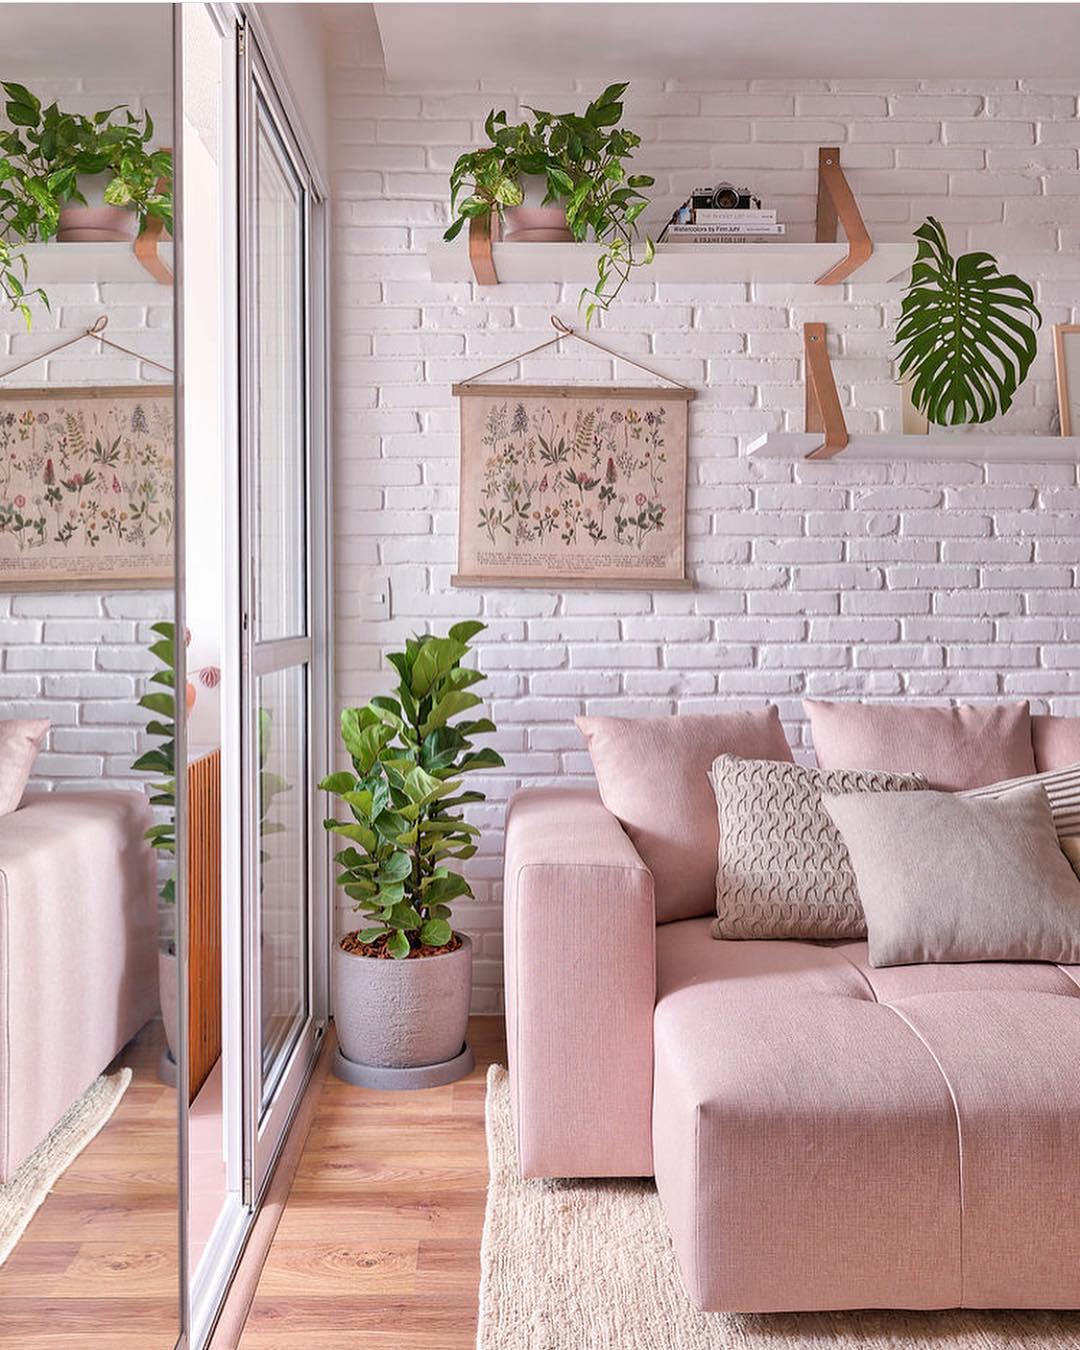 Apartamento Decorado 50 Ambientes Lindos Para Inspirar A Sua Decoracao